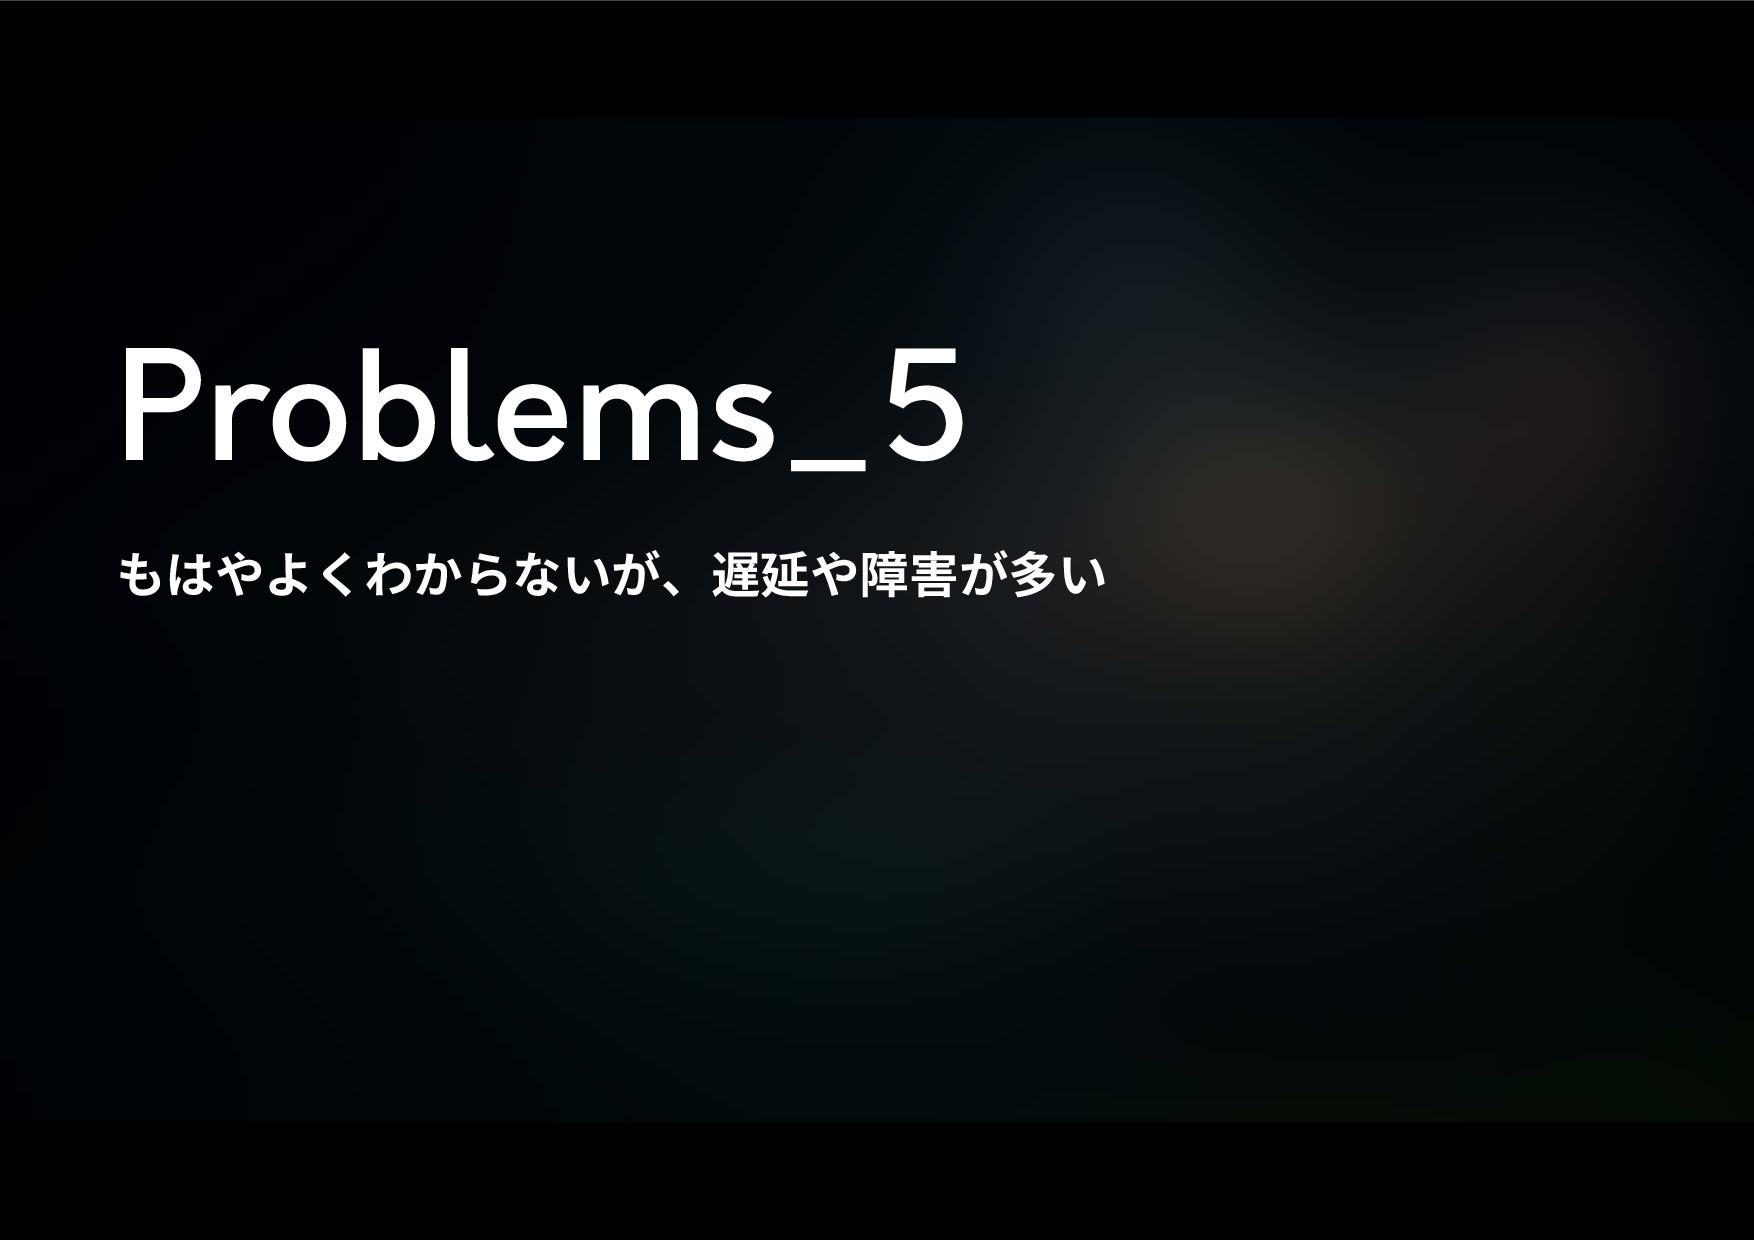 Problems_5 כװ״ַֻזְָծ鹼䒀װꥺ㹱ָ㢳ְ